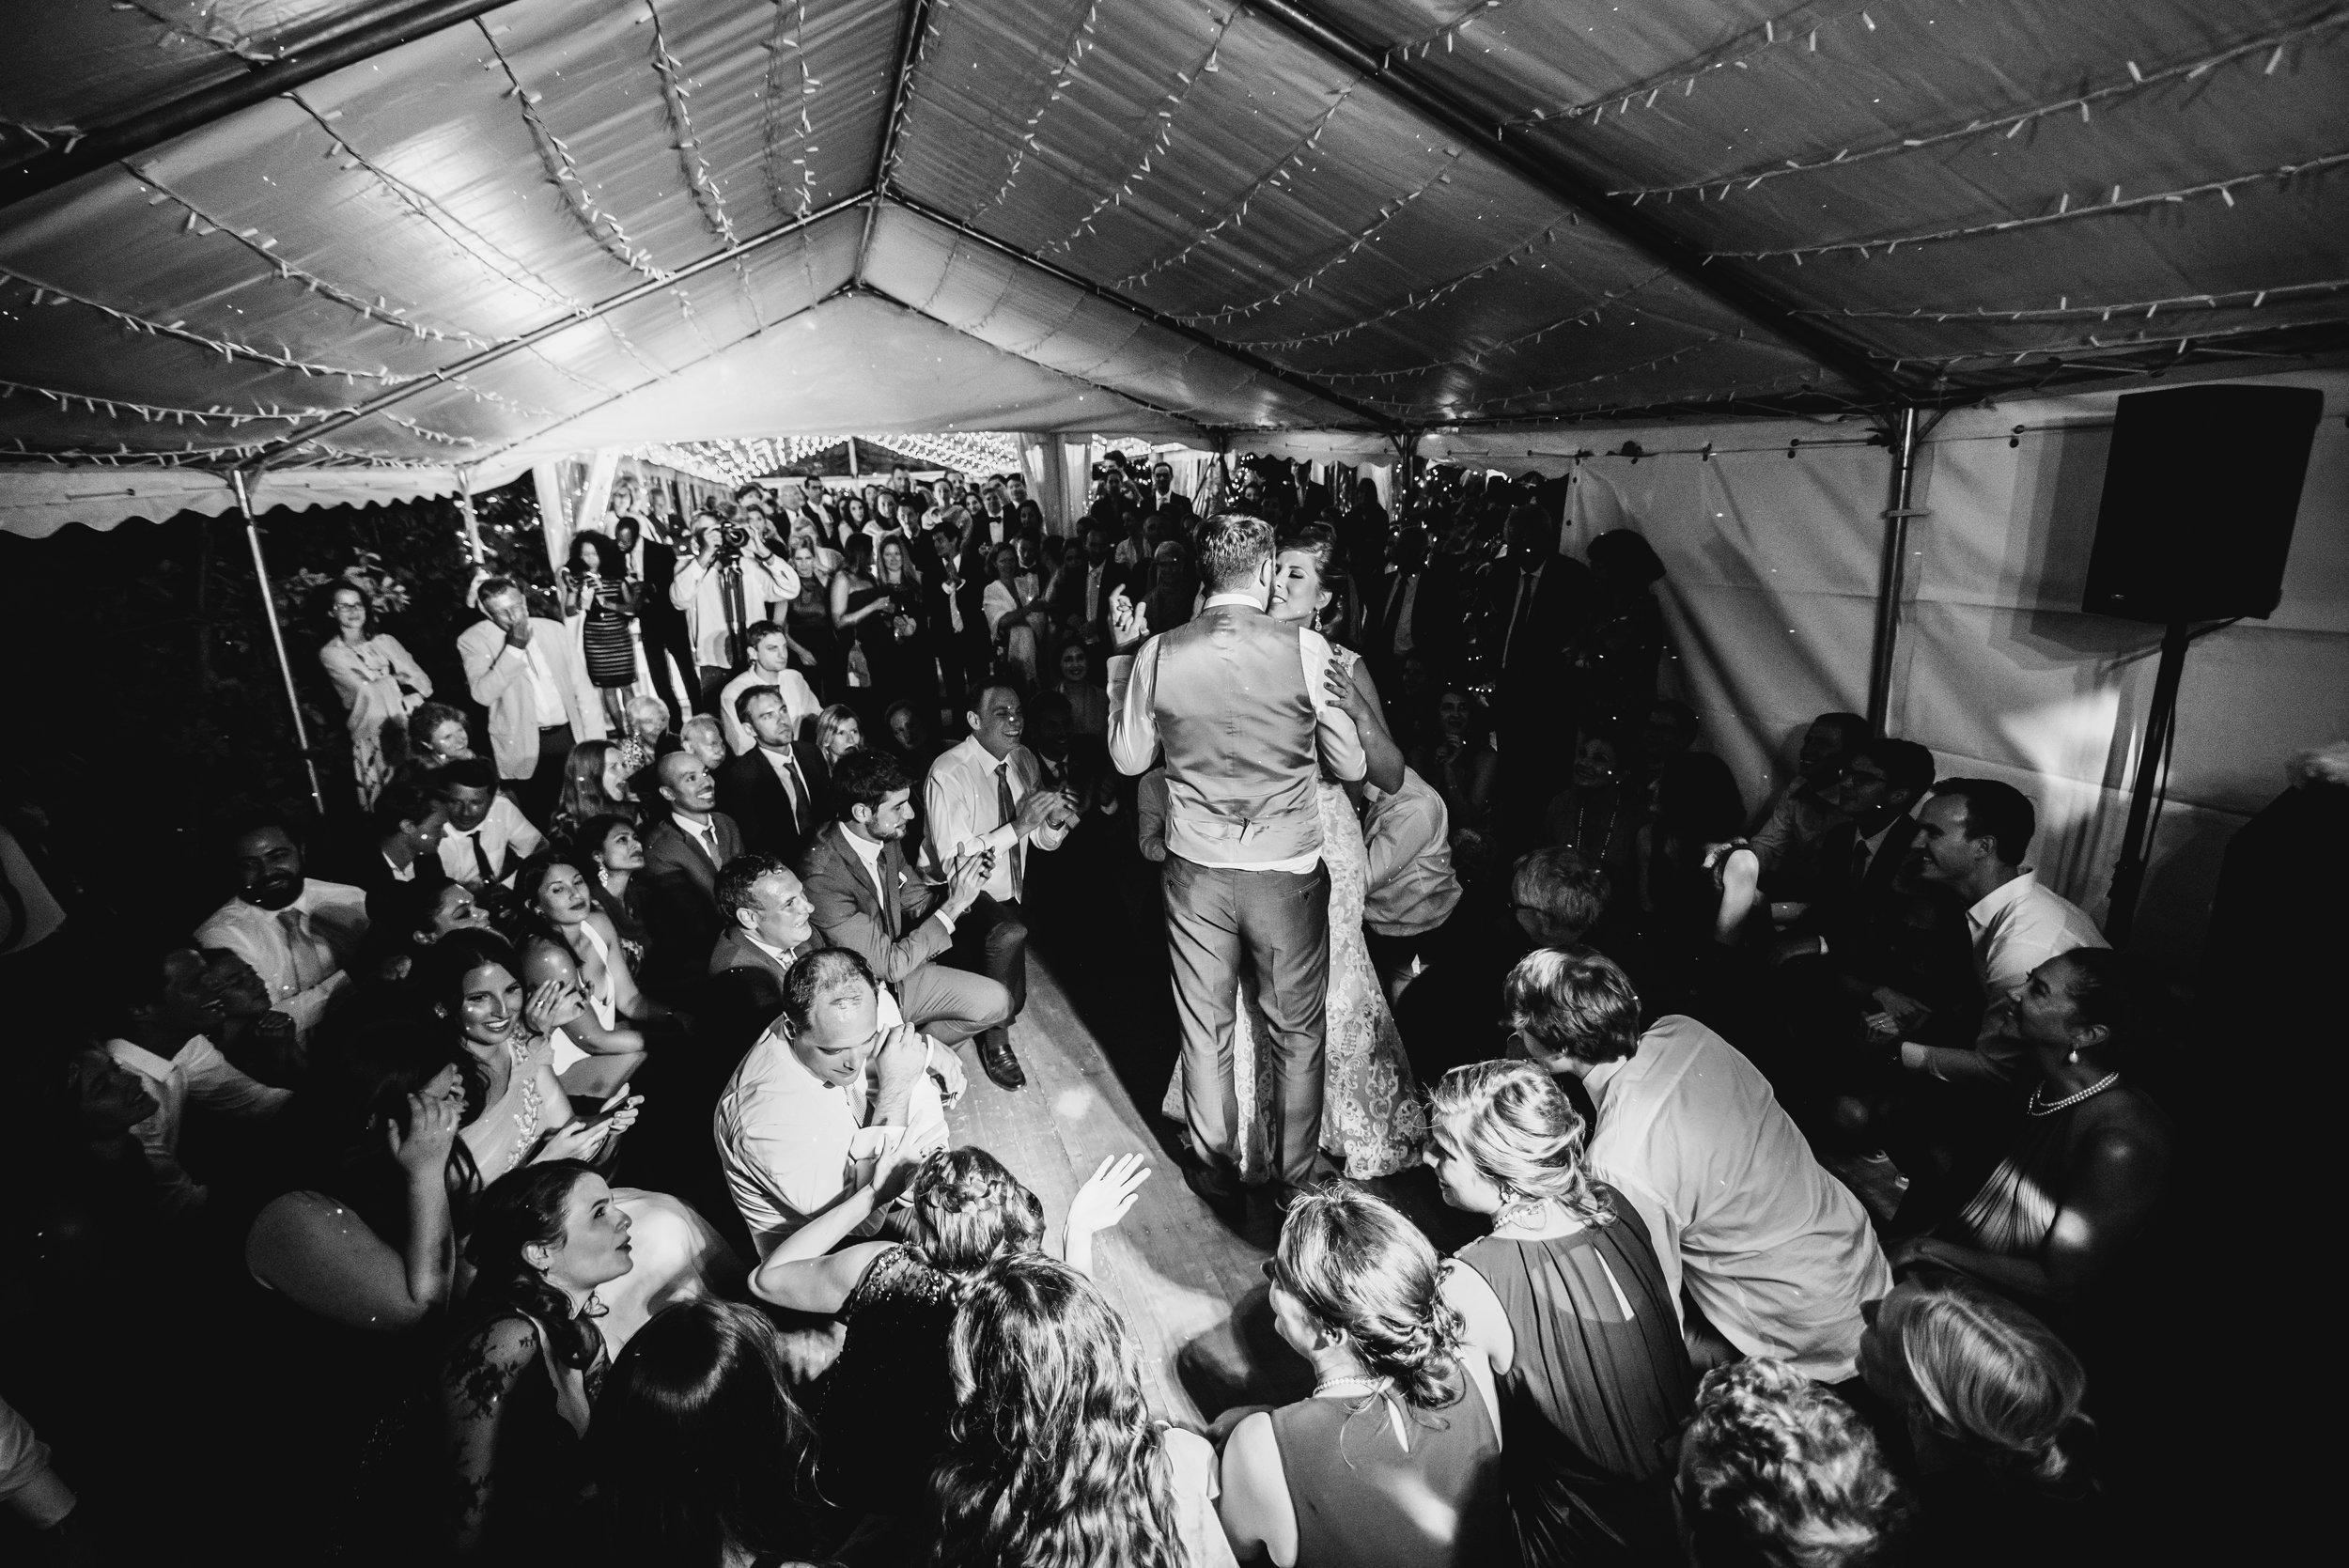 Léa-Fery-photographe-professionnel-lyon-rhone-alpes-portrait-creation-mariage-evenement-evenementiel-famille-0795.jpg